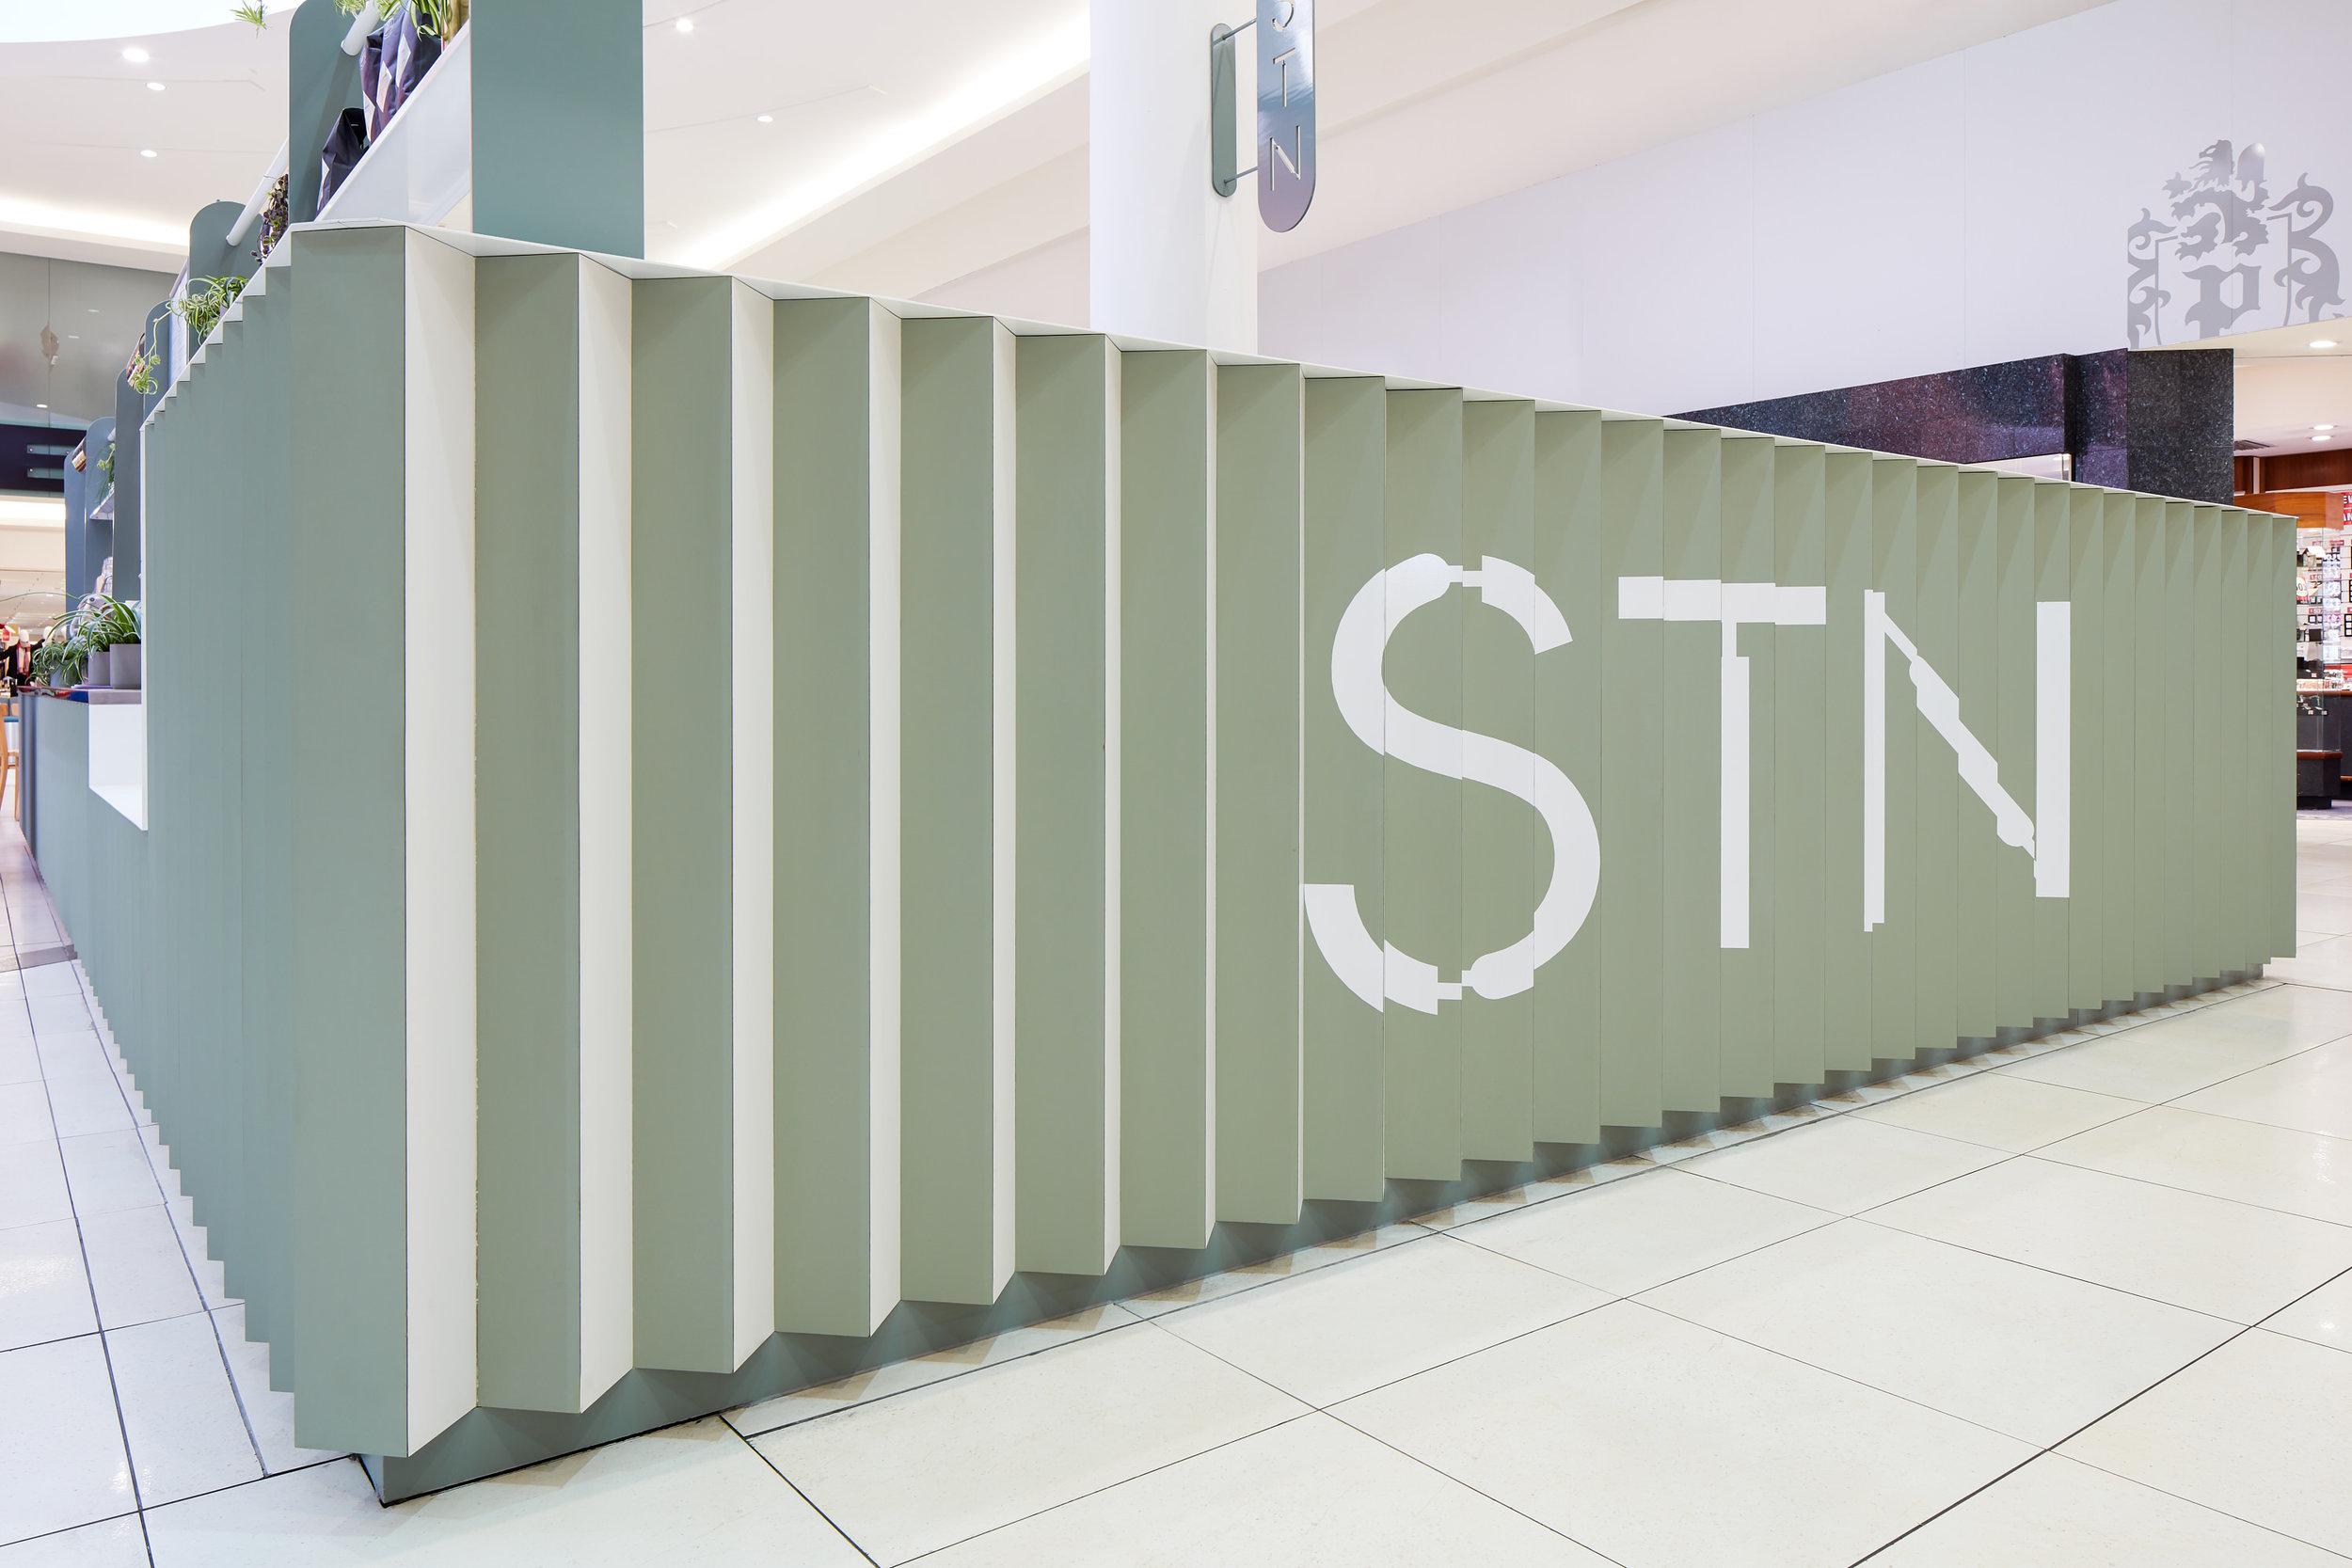 STN_EDIT_215.jpg